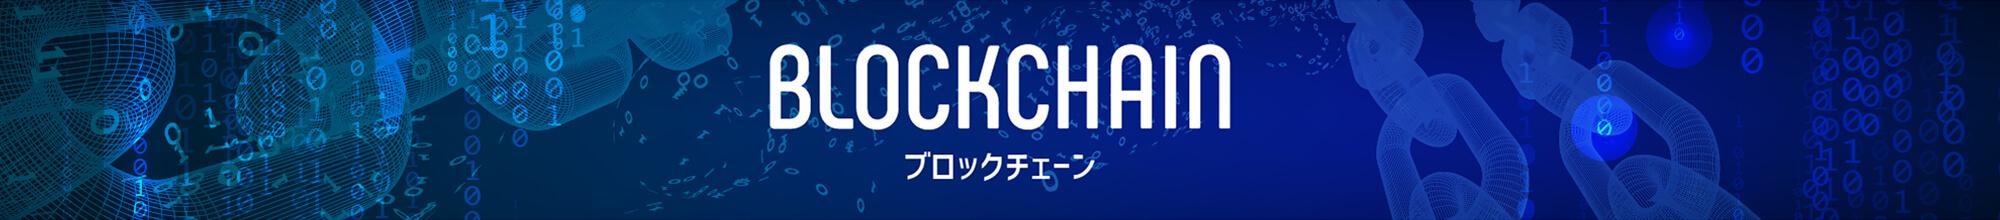 ブロックチェーン関連の最新ニュース